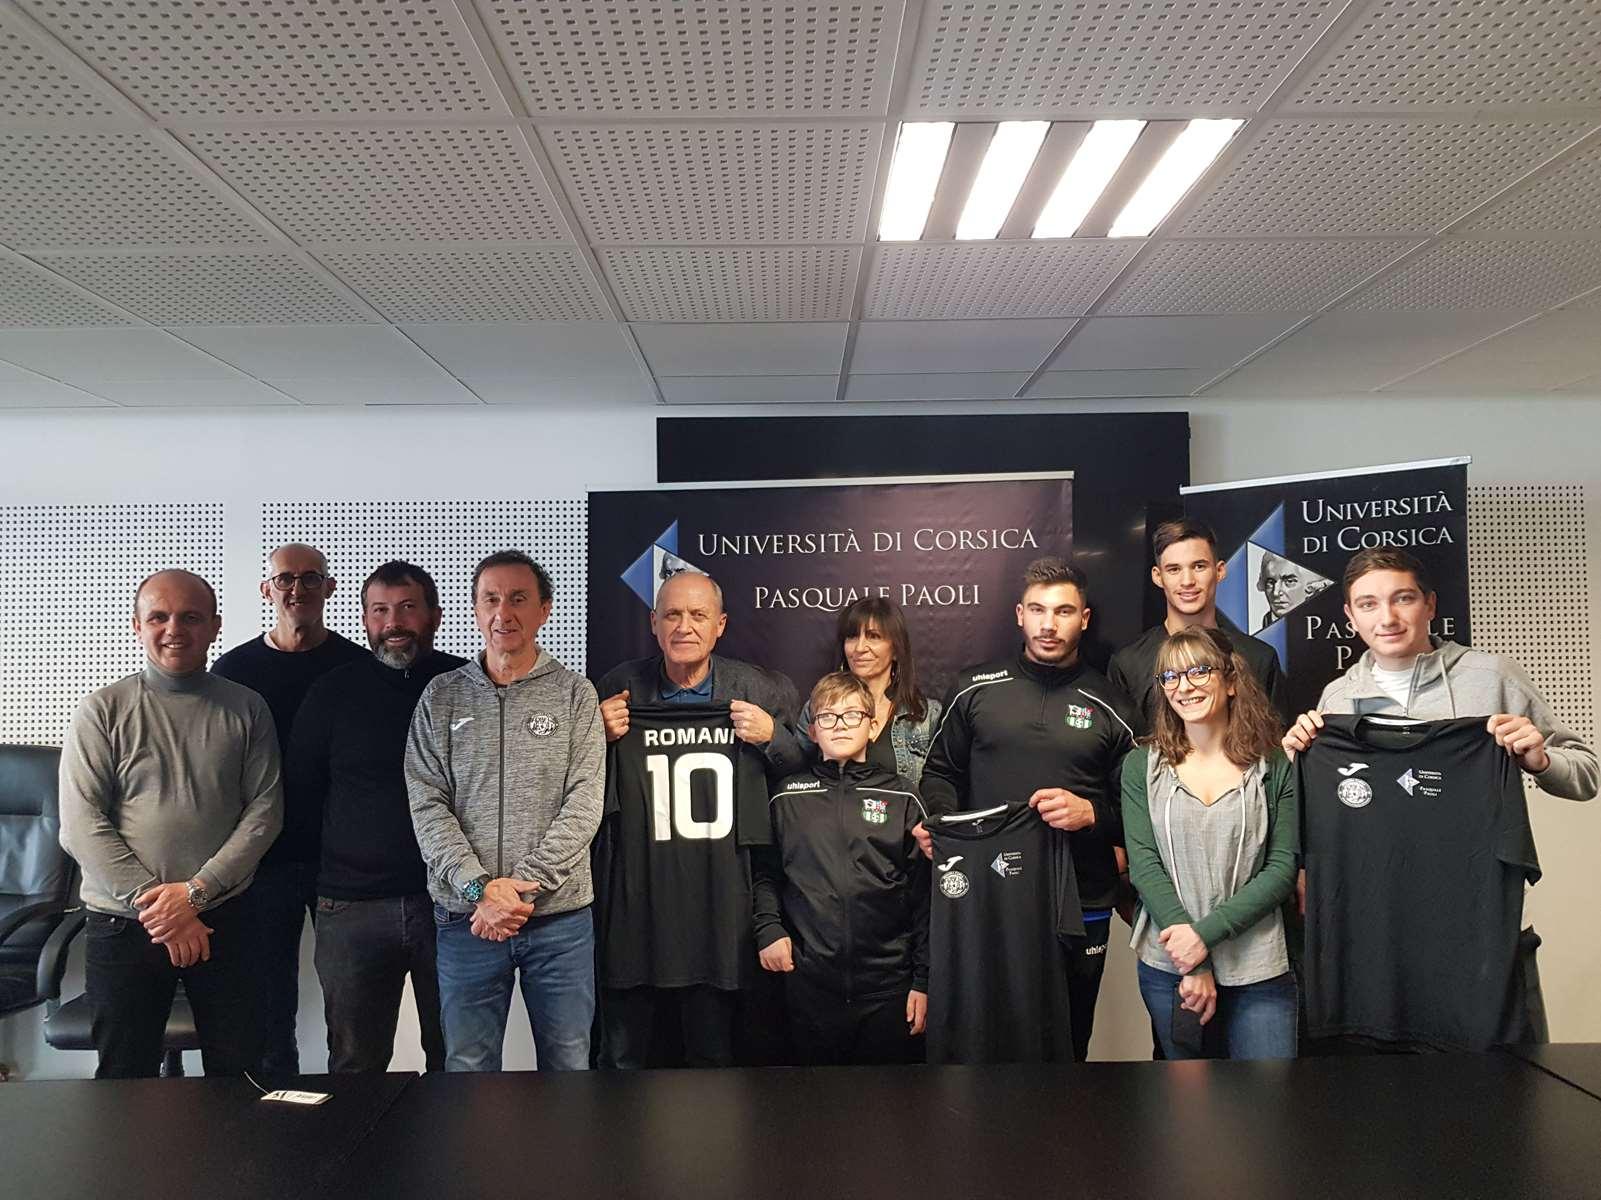 Corte : A Squadra Corsa équipe le foot universitaire